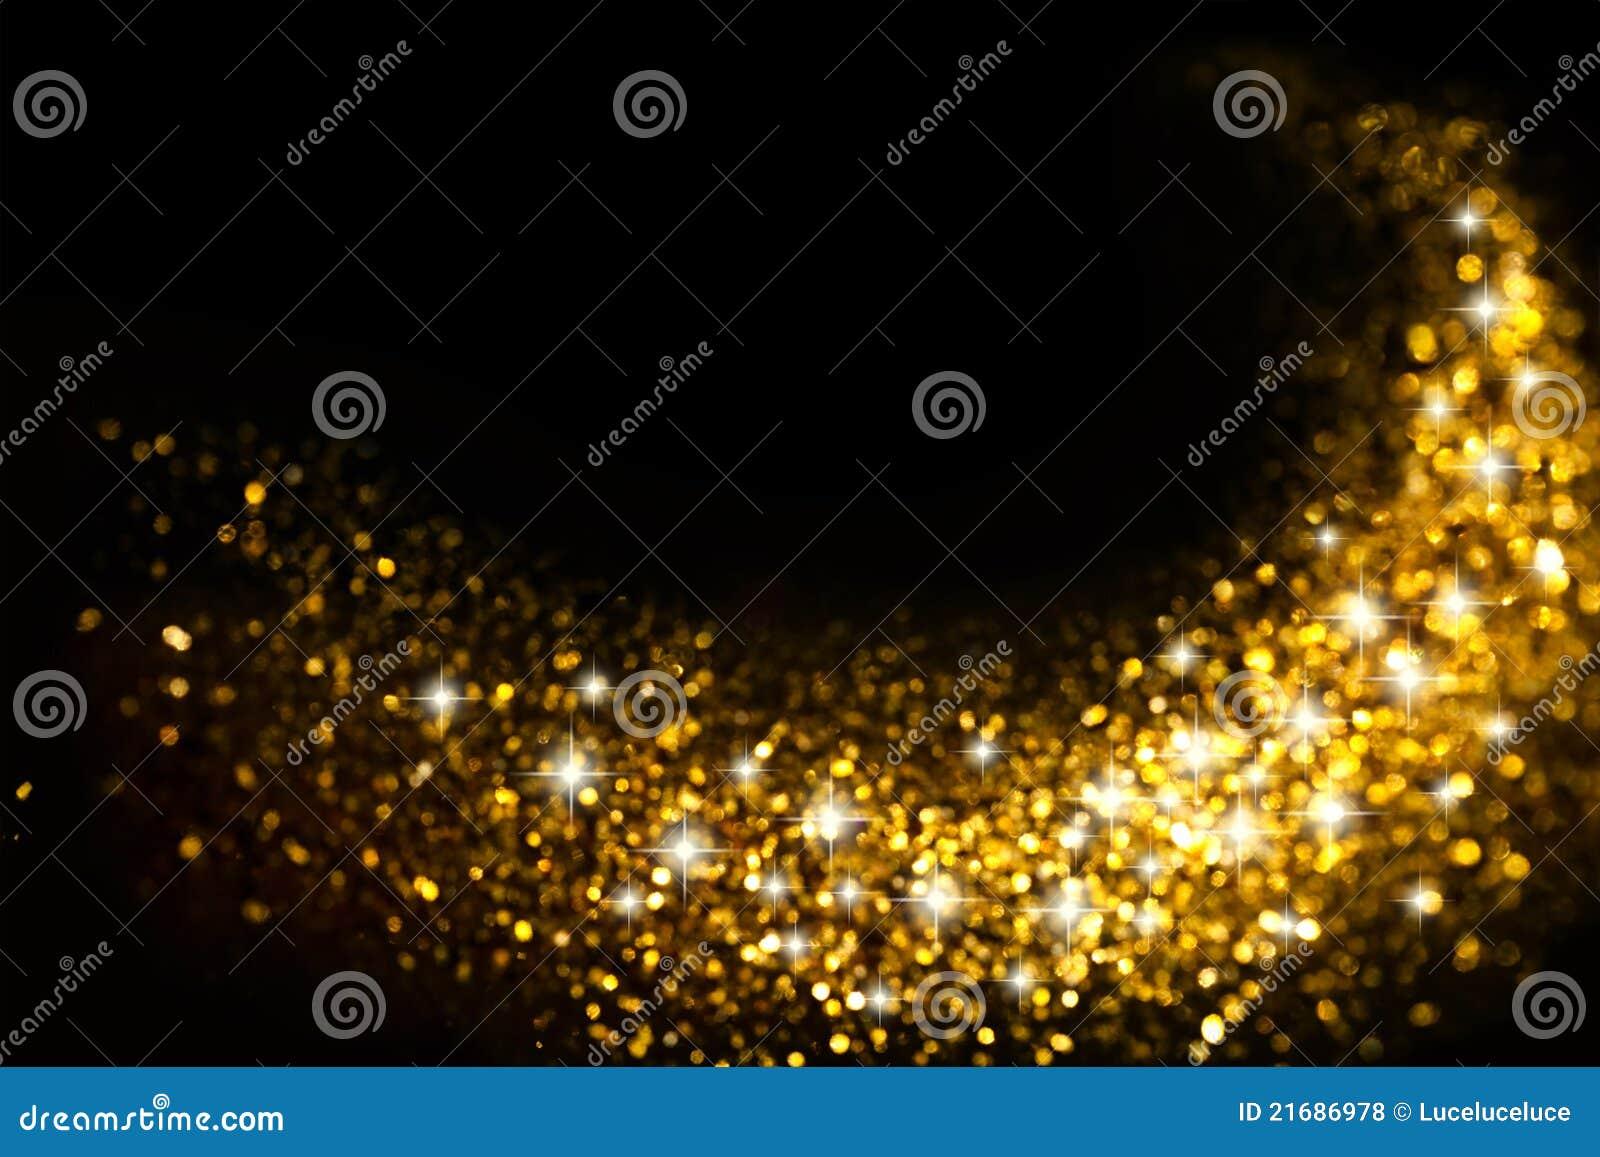 Gouden schitter Sleep met de Achtergrond van Sterren